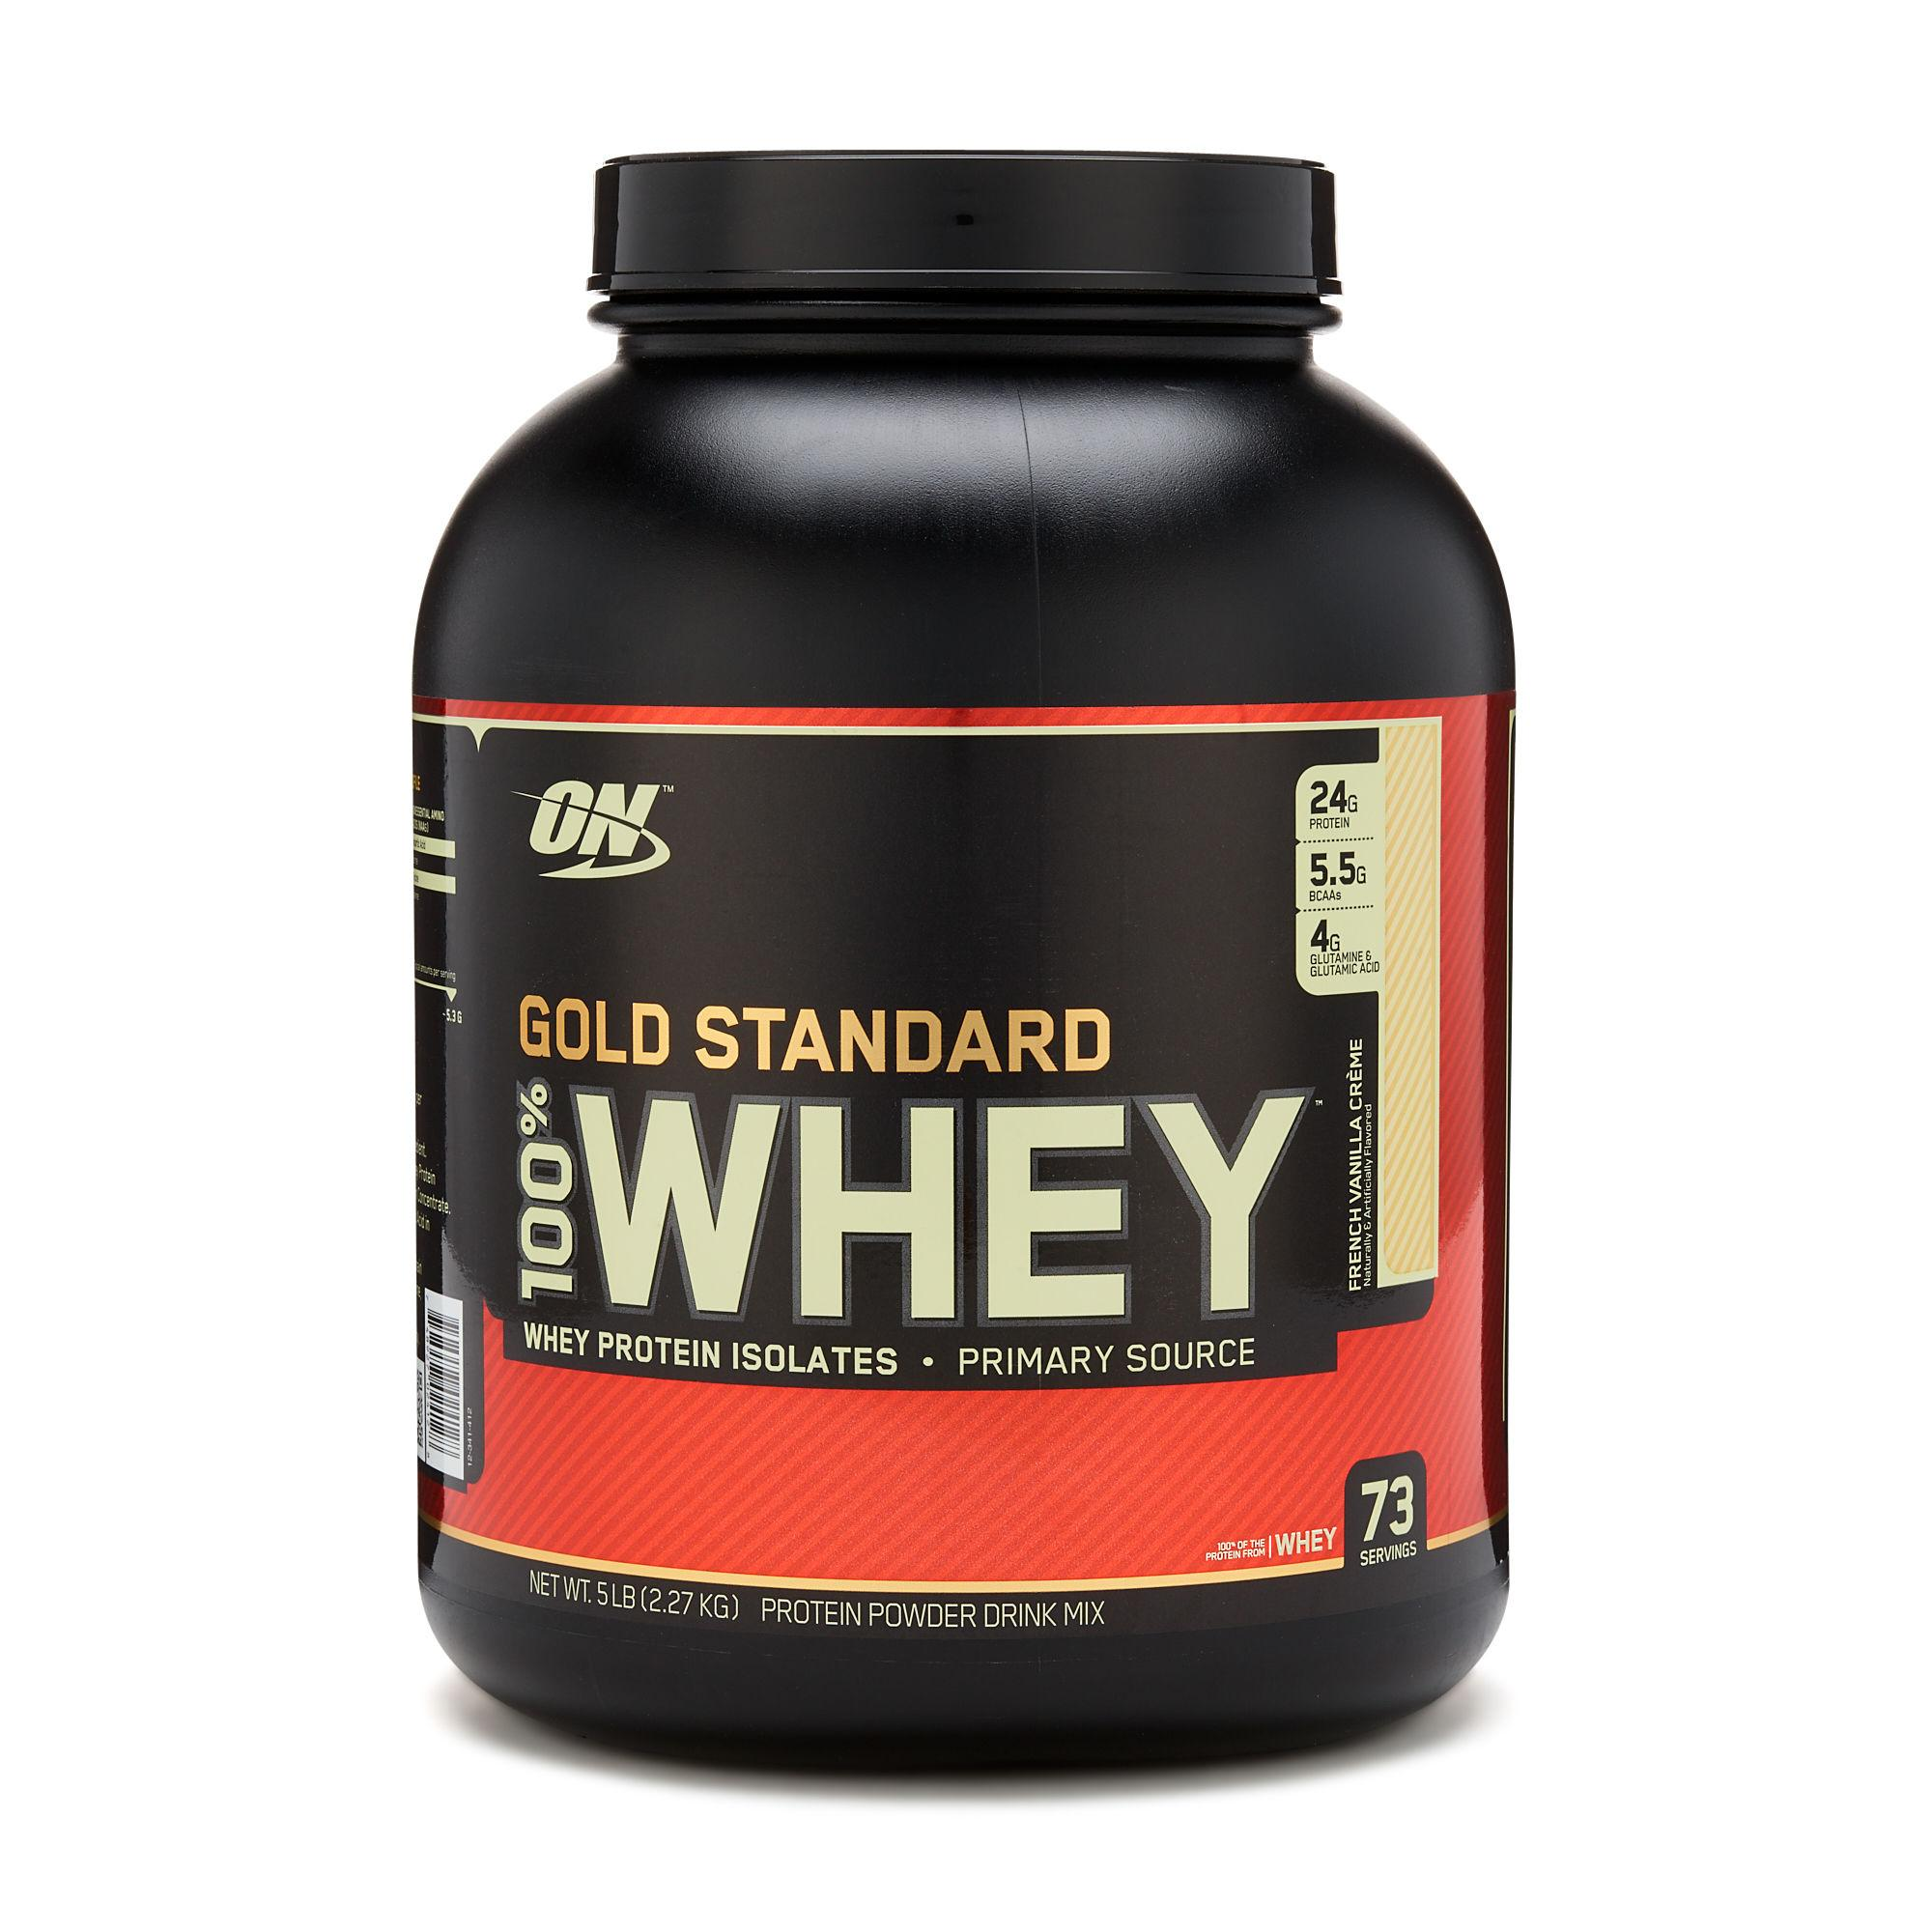 Thực Phẩm Bổ Sung Protein Optimum Nutrition Whey Gold Standard 5Lbs Có Giá Cực Tốt